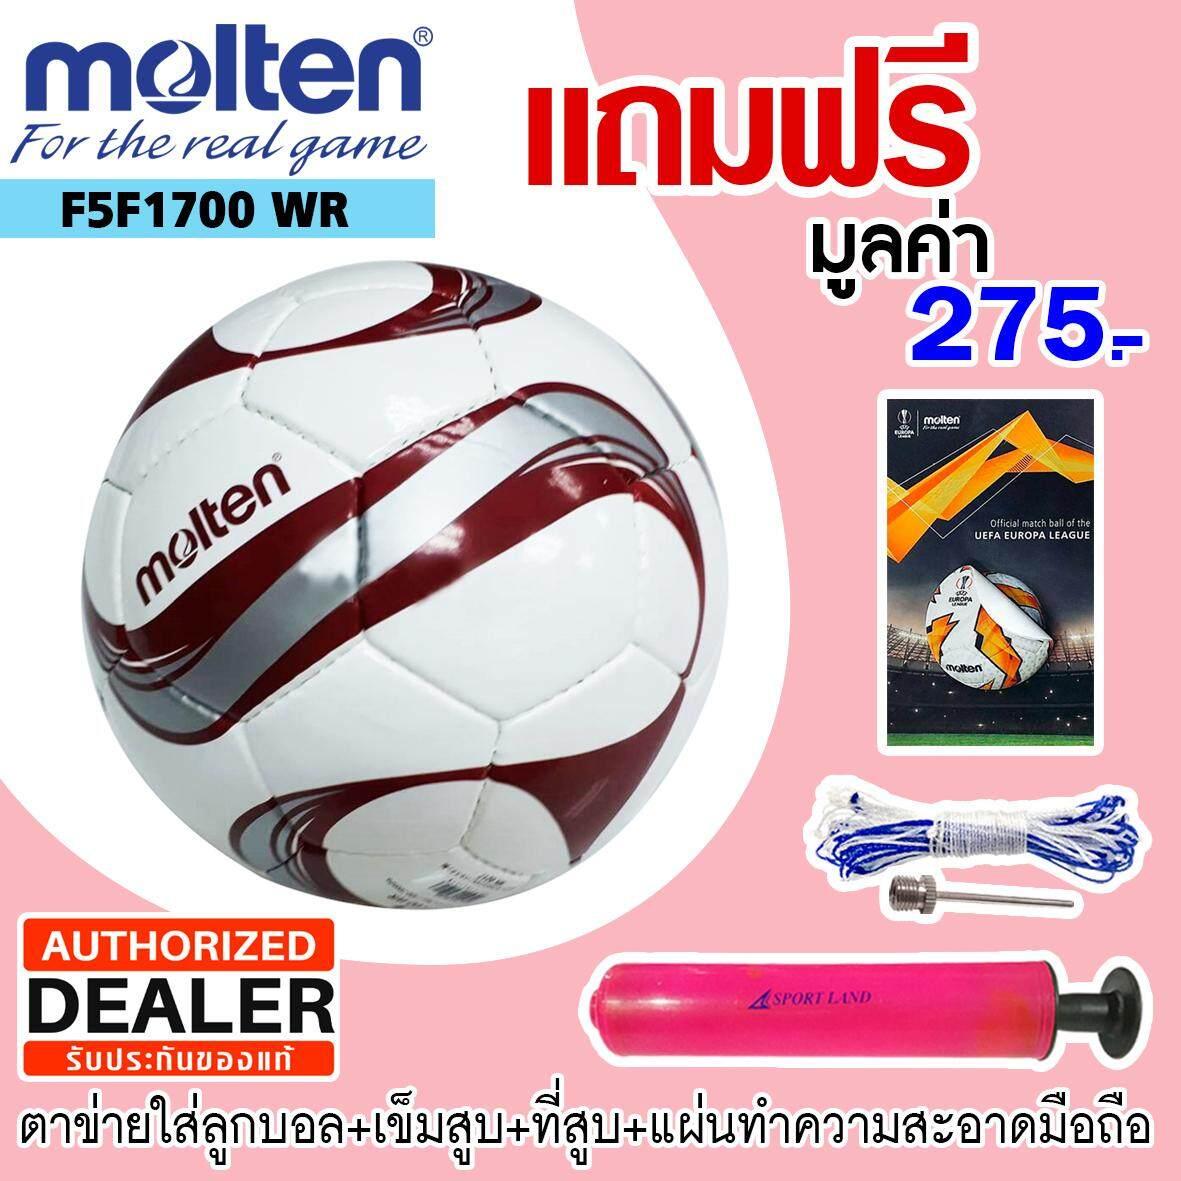 การใช้งาน  MOLTEN ลูกฟุตบอล หนังเย็บ พีวีซี Football Molten PVC F5F1700-WR เบอร์ 5 (730) แถมฟรี ตาข่ายใส่ลูกฟุตบอล + เข็มสูบลม + สูบมือ SPL รุ่น SL6 สีชมพู + แผ่นทำความสะอาดมือถือ